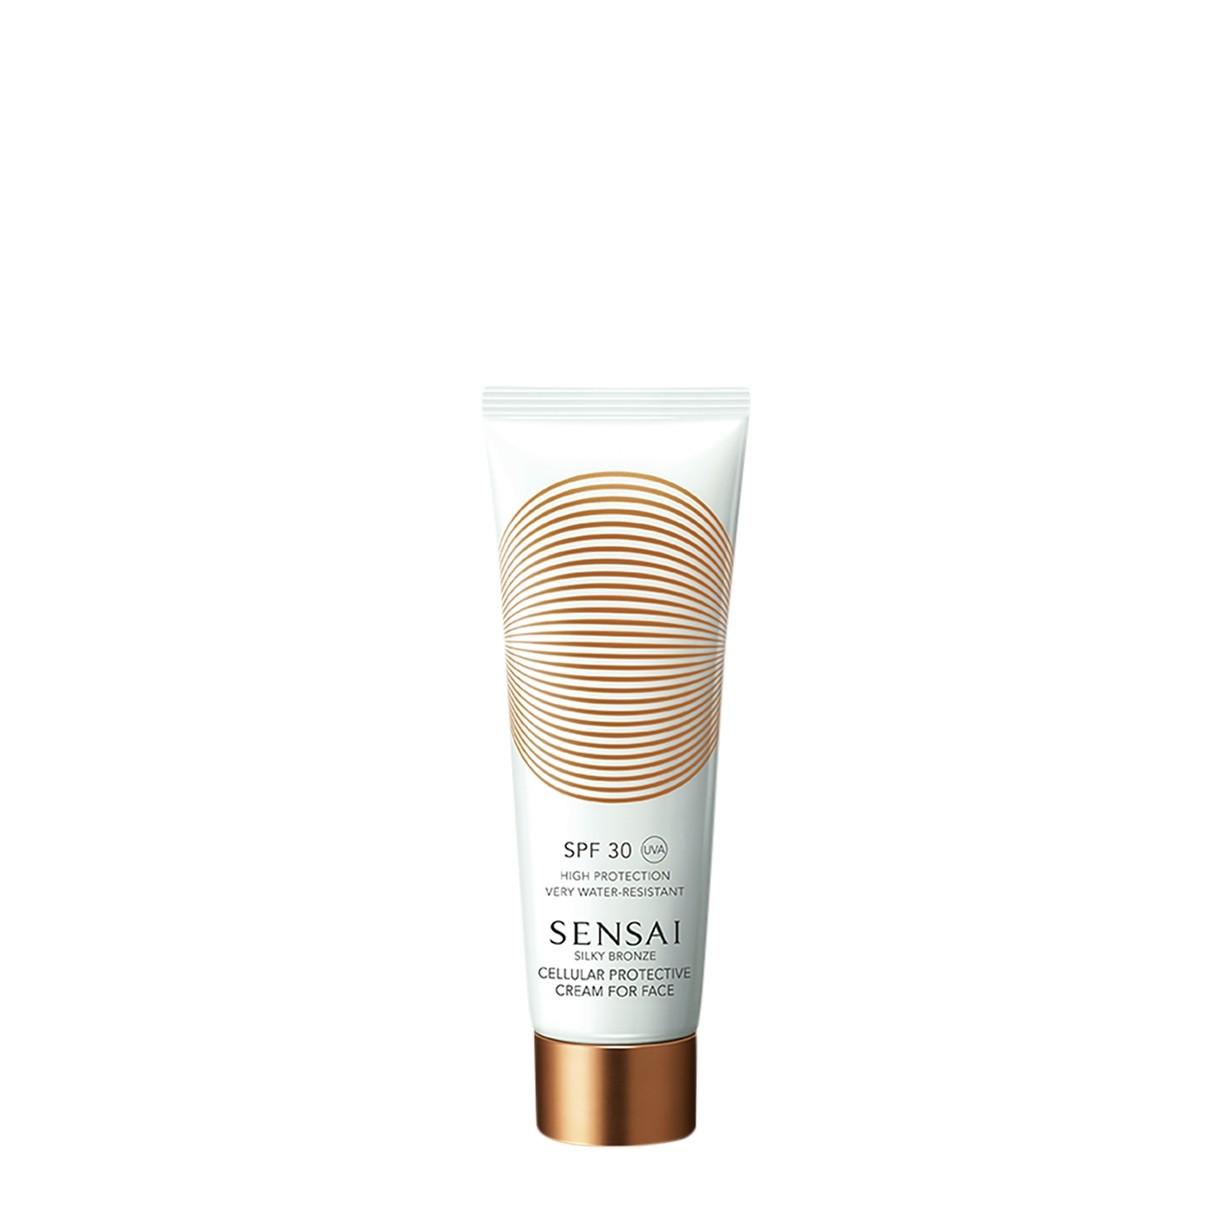 SENSAI - Sensai Silky Bronze Cell.Prot.Cream Face Spf 30 -